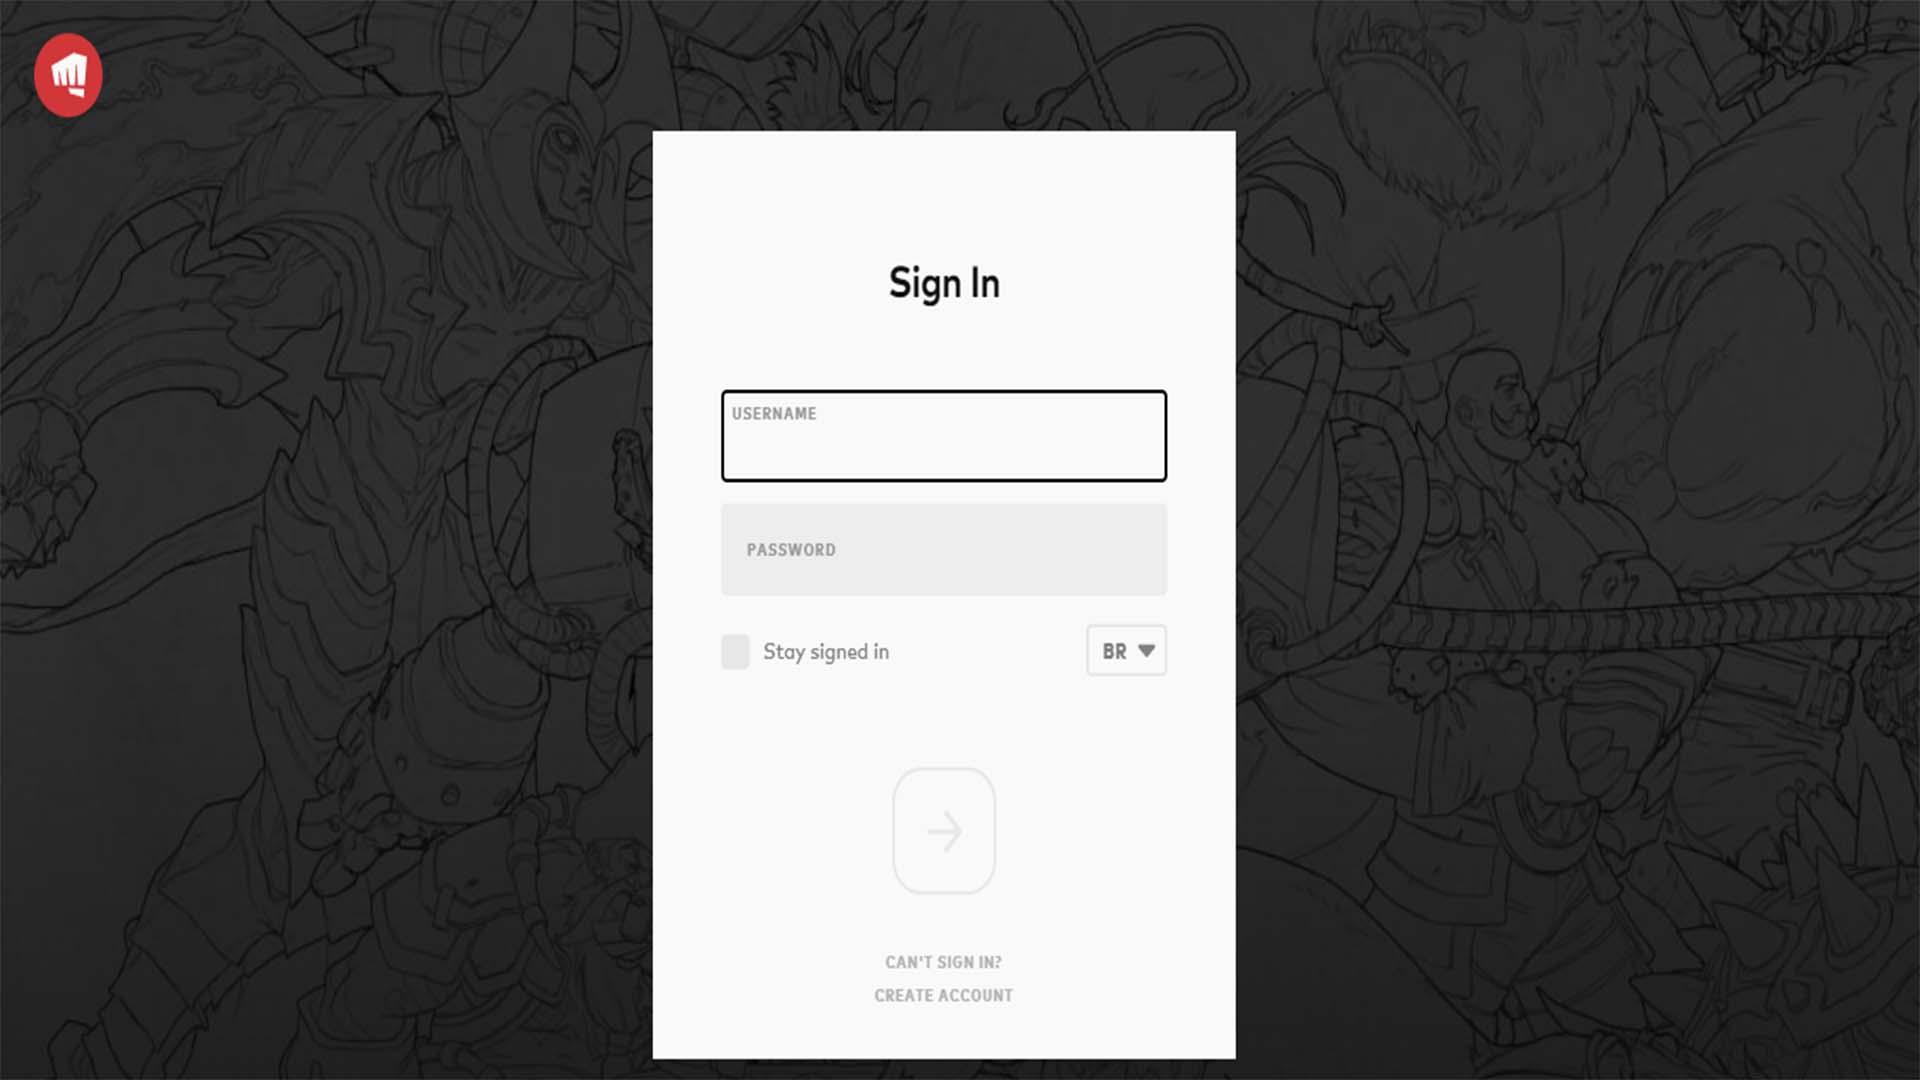 تسجيل الدخول في حساب Riot Games